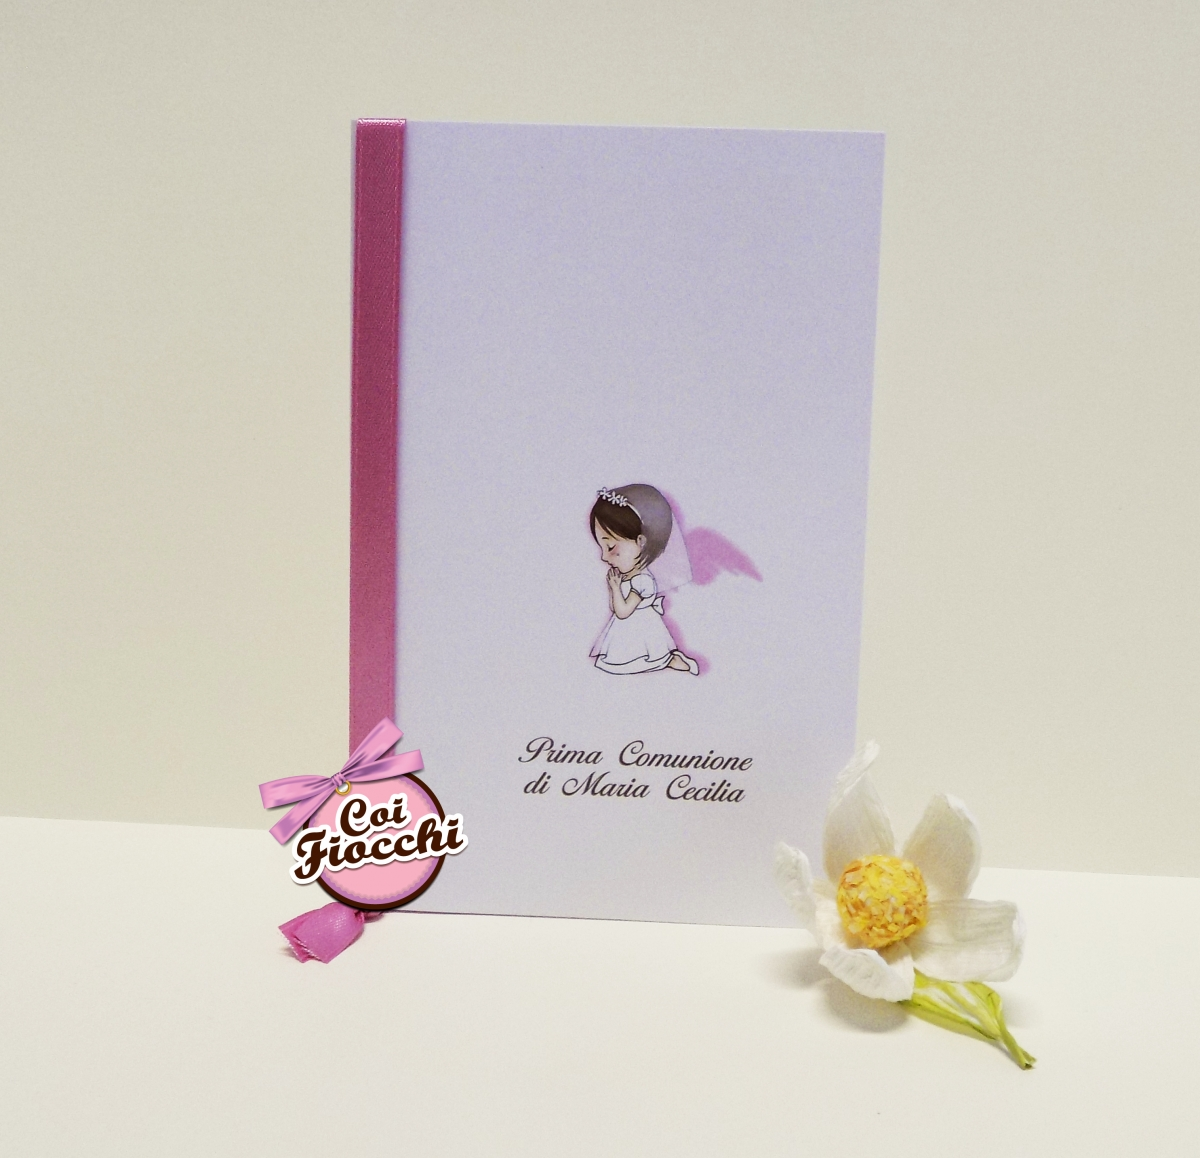 inviti-comunione-per-bambina-e-bambino-coi-fiocchi-bimba-angioletto-disegnato